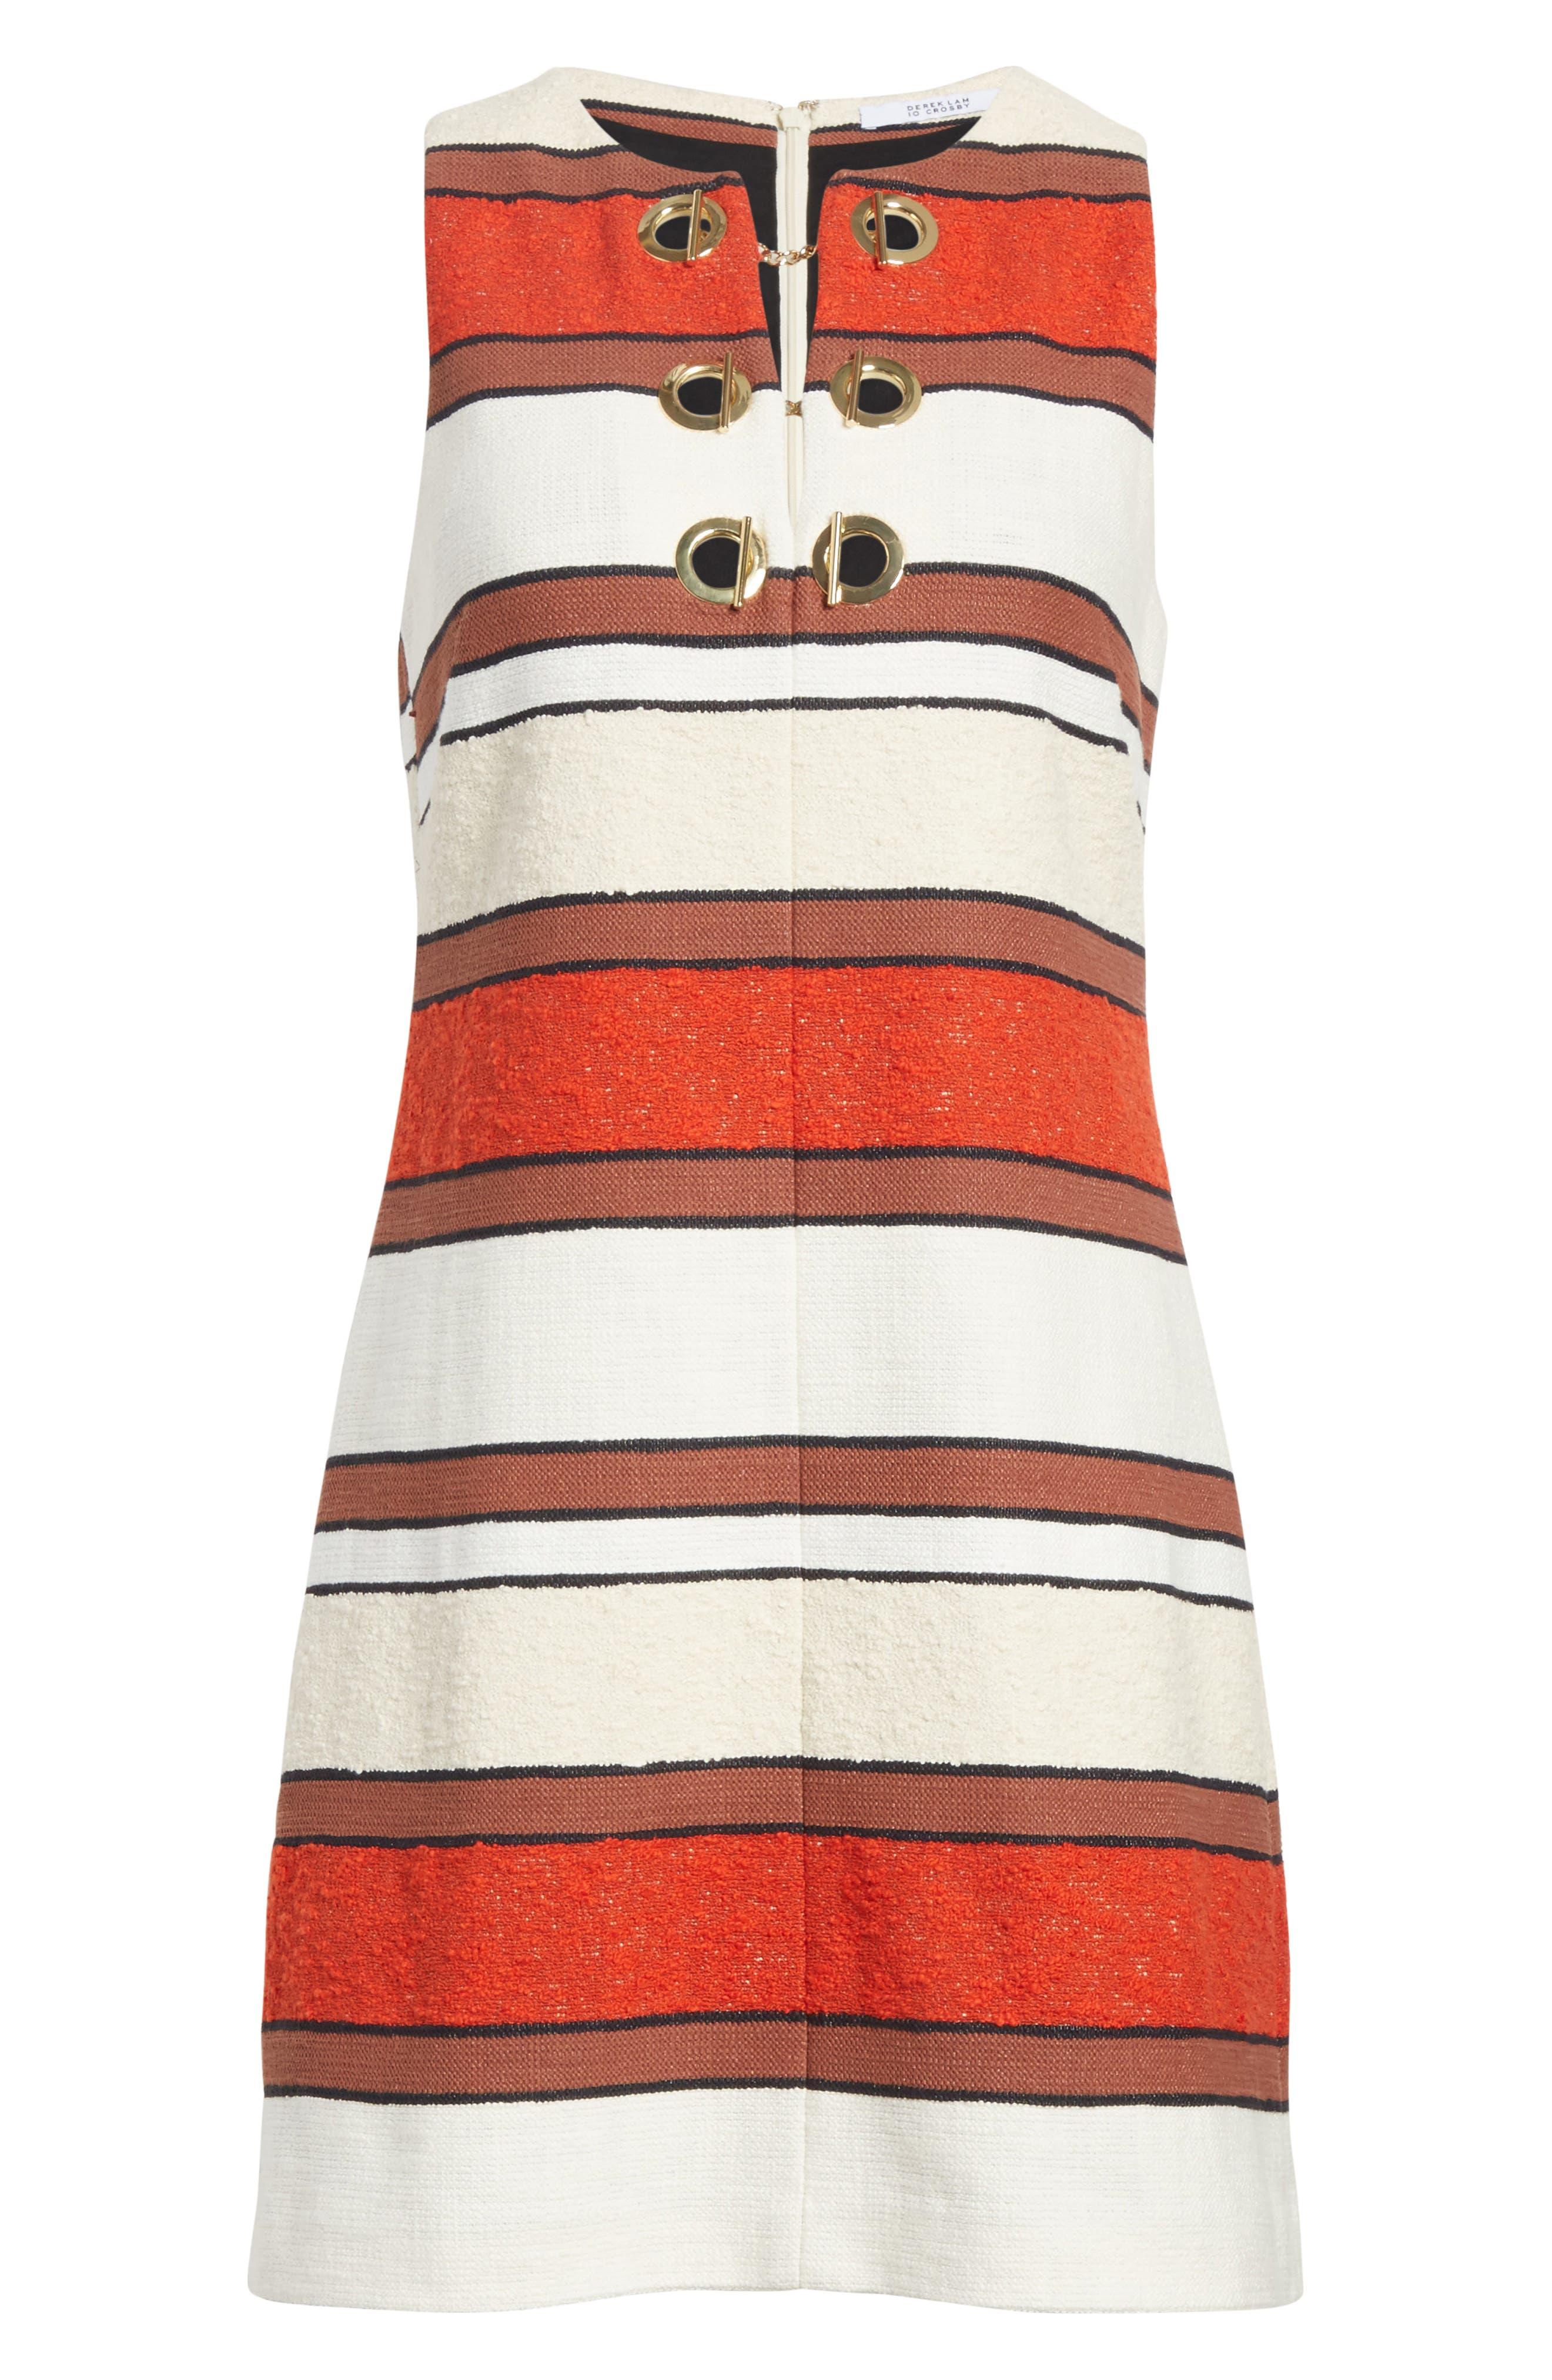 Grommet Detail Stripe Shift Dress,                             Alternate thumbnail 6, color,                             Poppy